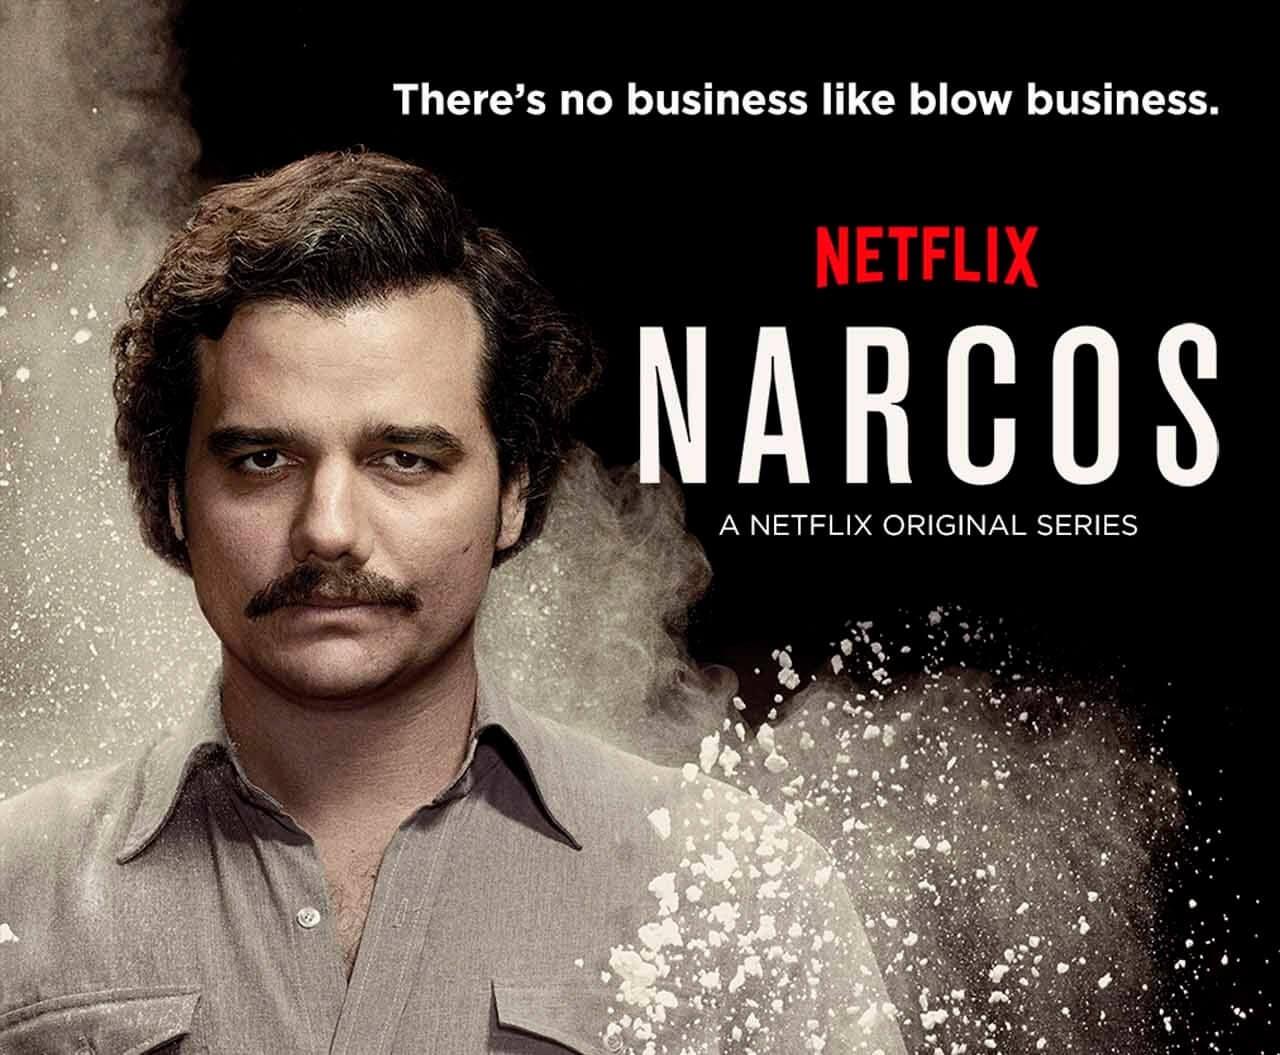 Narcos Netflix Series